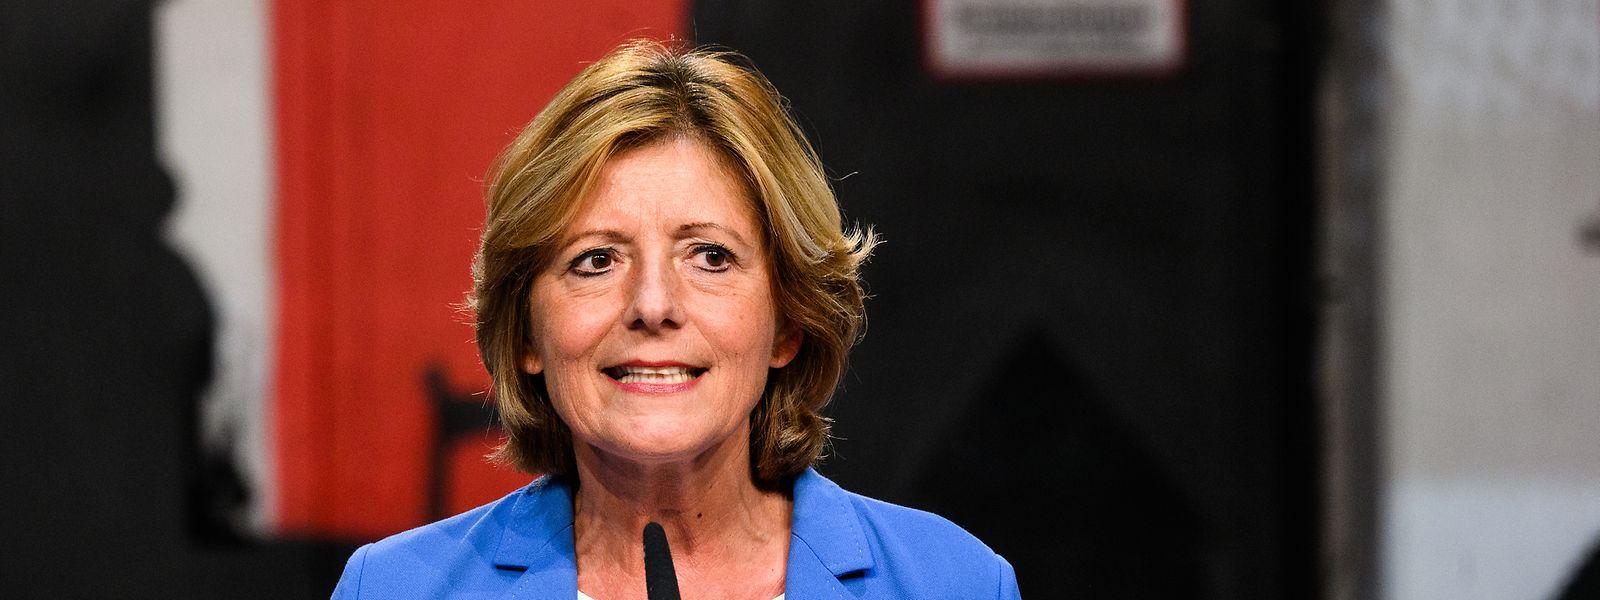 Pour Malu Dreyer, ministre-présidente de Rhénanie-Palatinat, une réforme du classement des zones à risque doit être menée, afin de ne pas pénaliser certaines zones ou pays plus que d'autres.